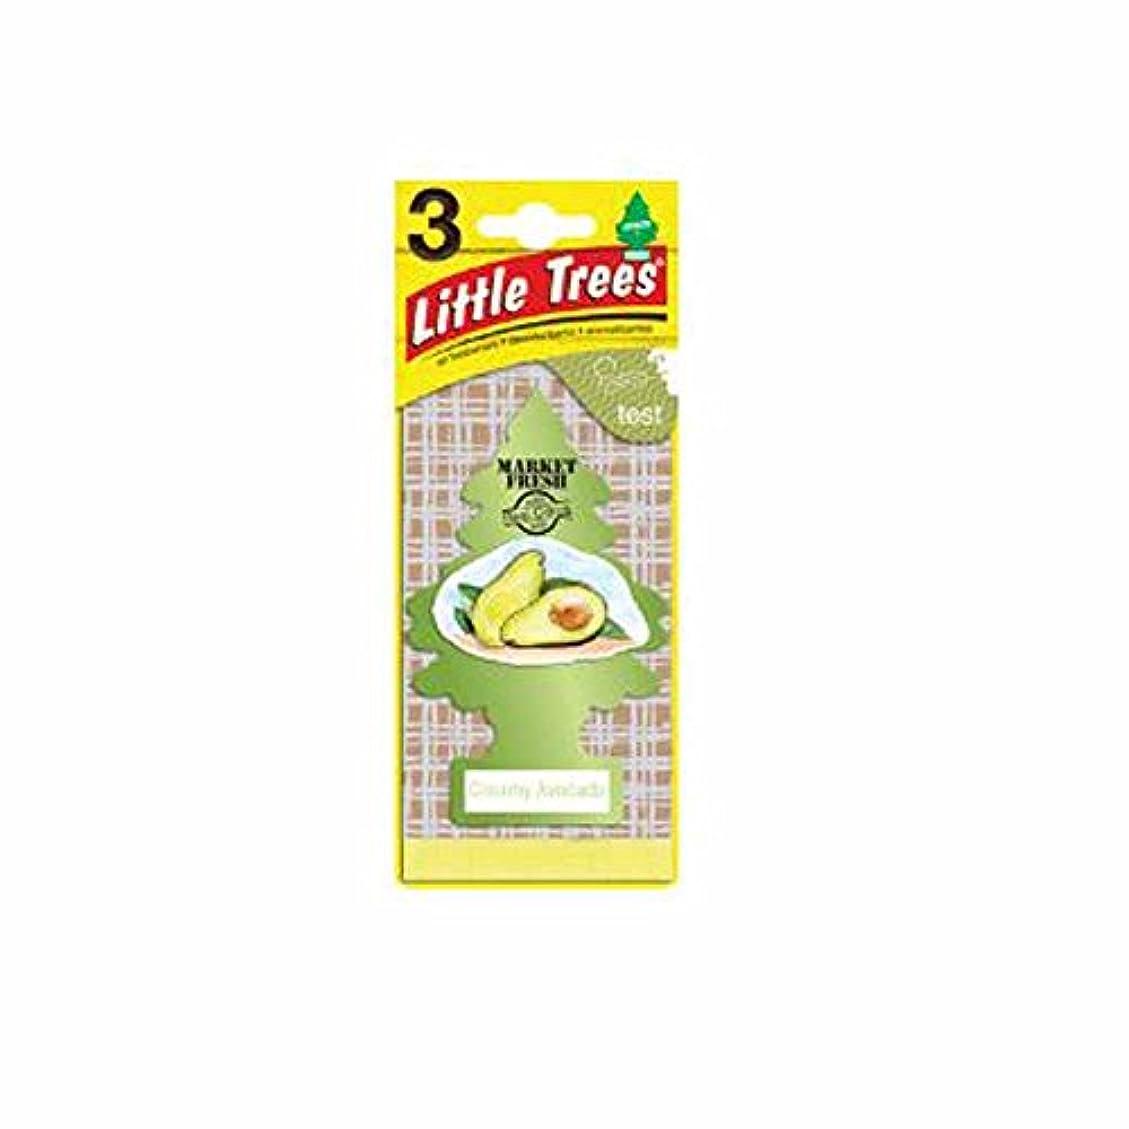 単語警報雪のLittle Trees 吊下げタイプ エアーフレッシュナー creamy avocado(クリーミーアボカド) 3枚セット(3P) U3S-37340